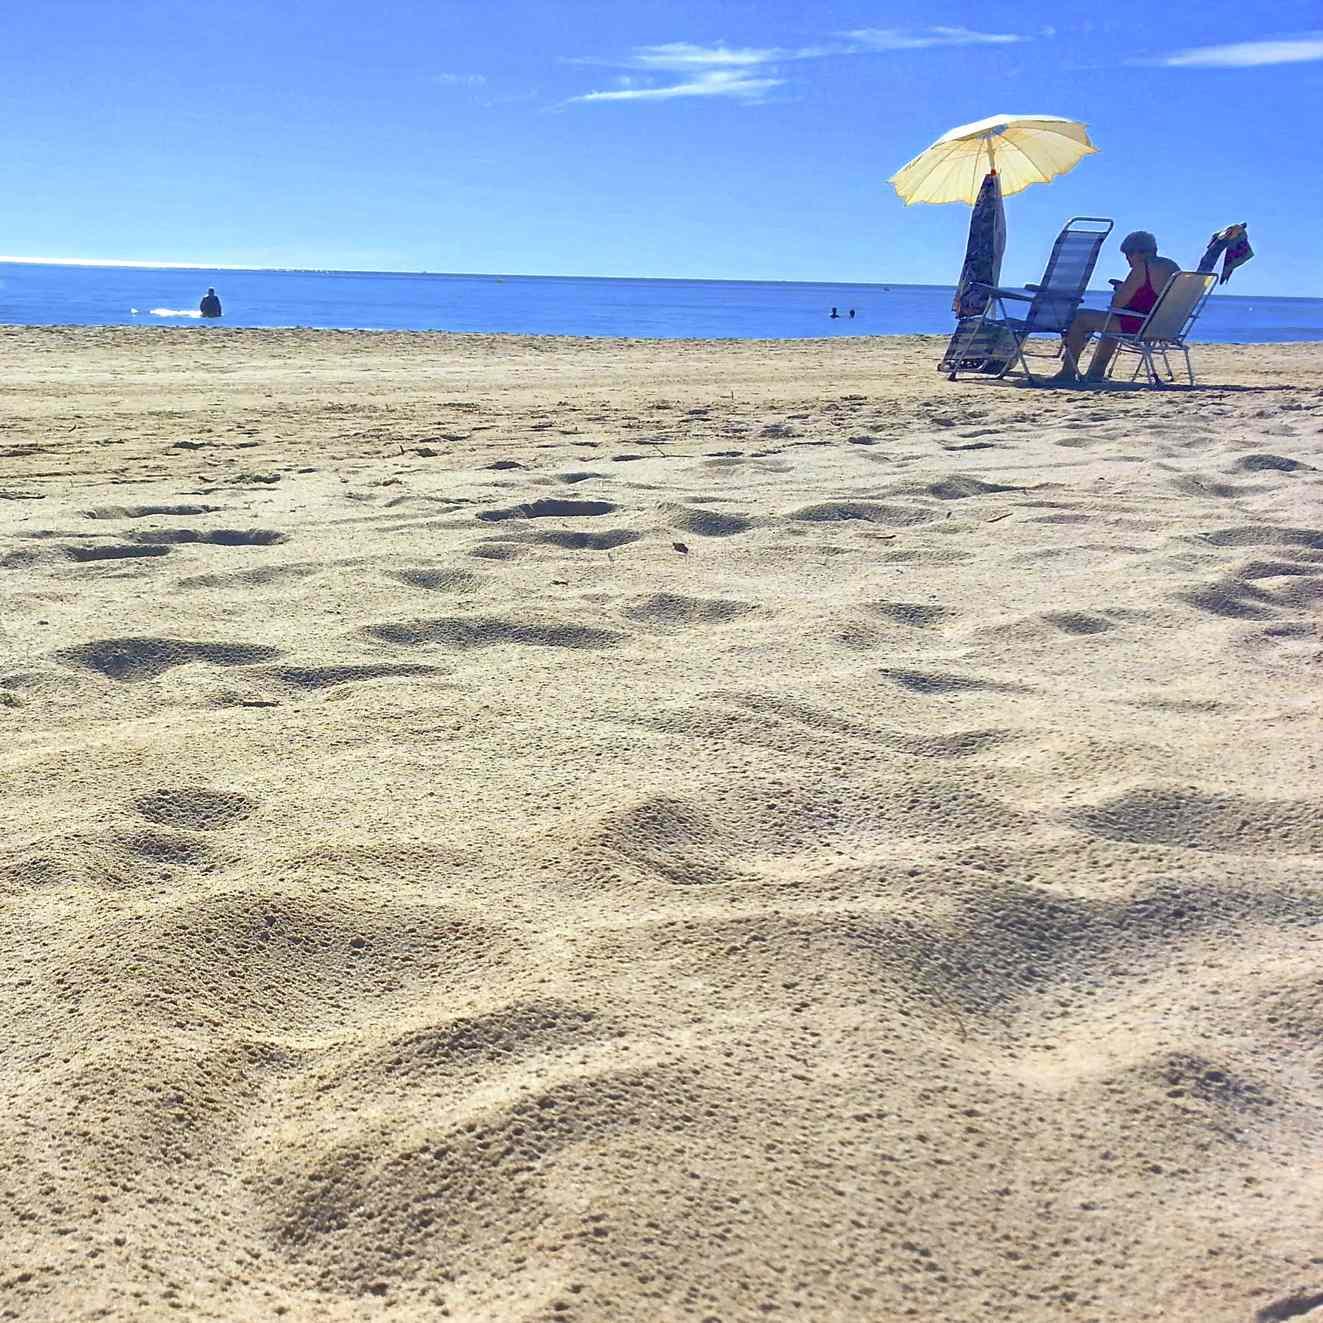 Turismo Costa Blanca promueve un concurso fotográfico en las redes sociales para promocionar la provincia